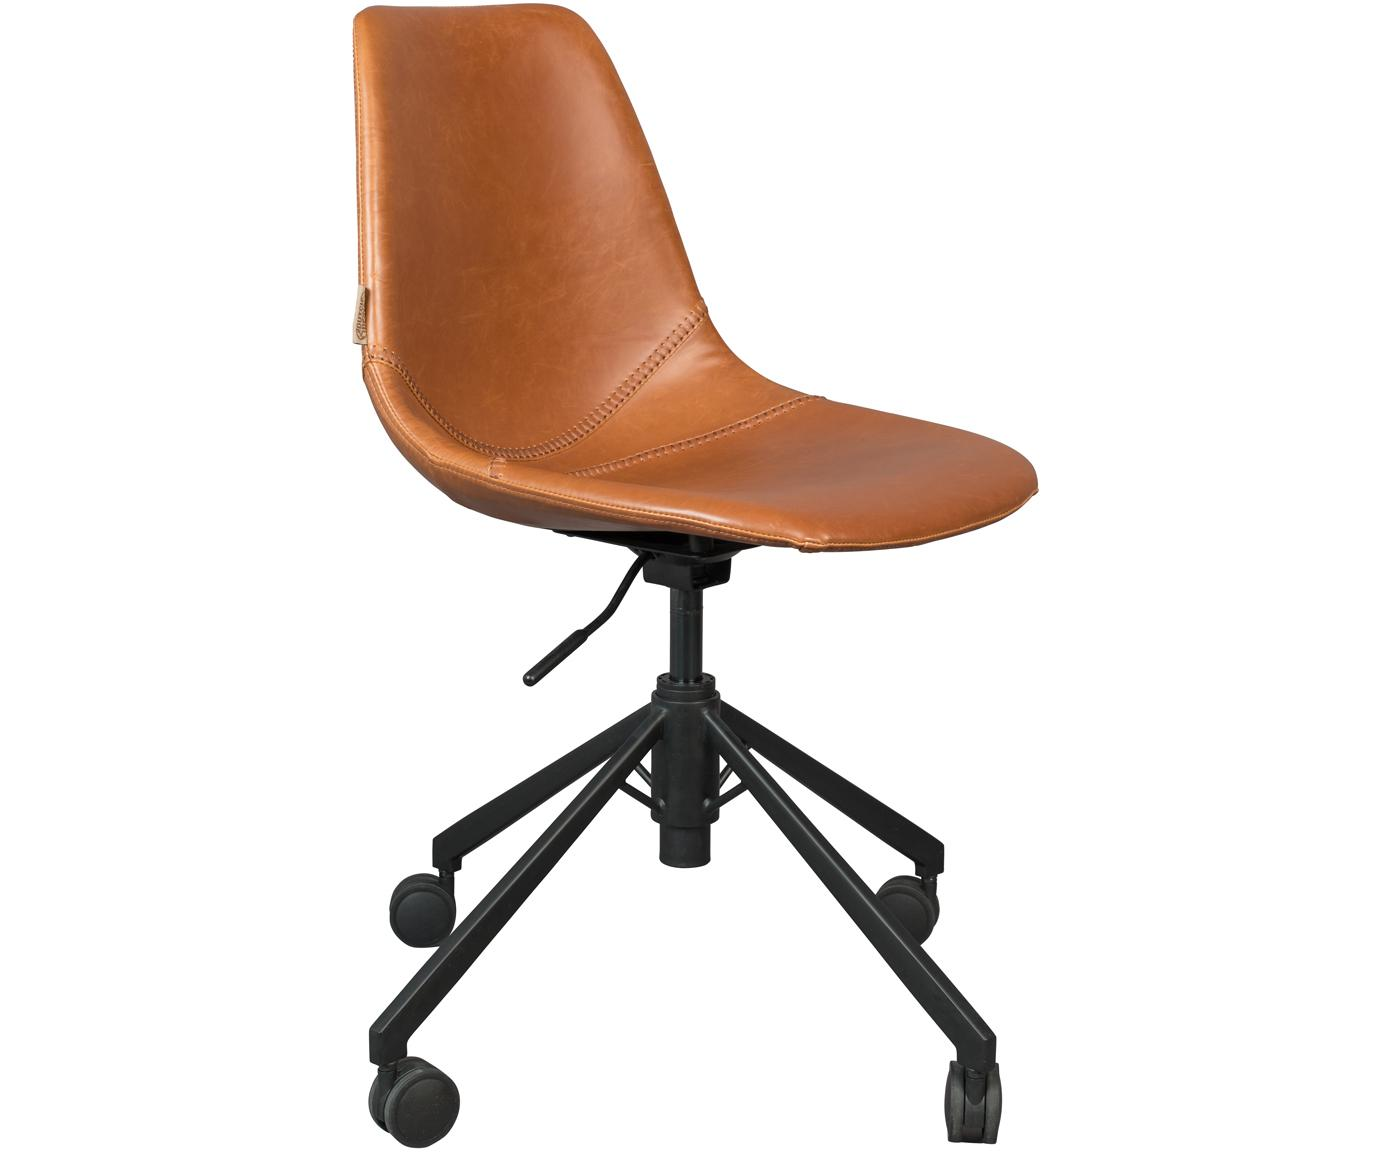 Biurowe krzesło obrotowe ze sztucznej skóry Franky, Tapicerka: sztuczna skóra (poliureta, Nogi: metal malowany proszkowo, Brązowy, S 68 x G 68 cm